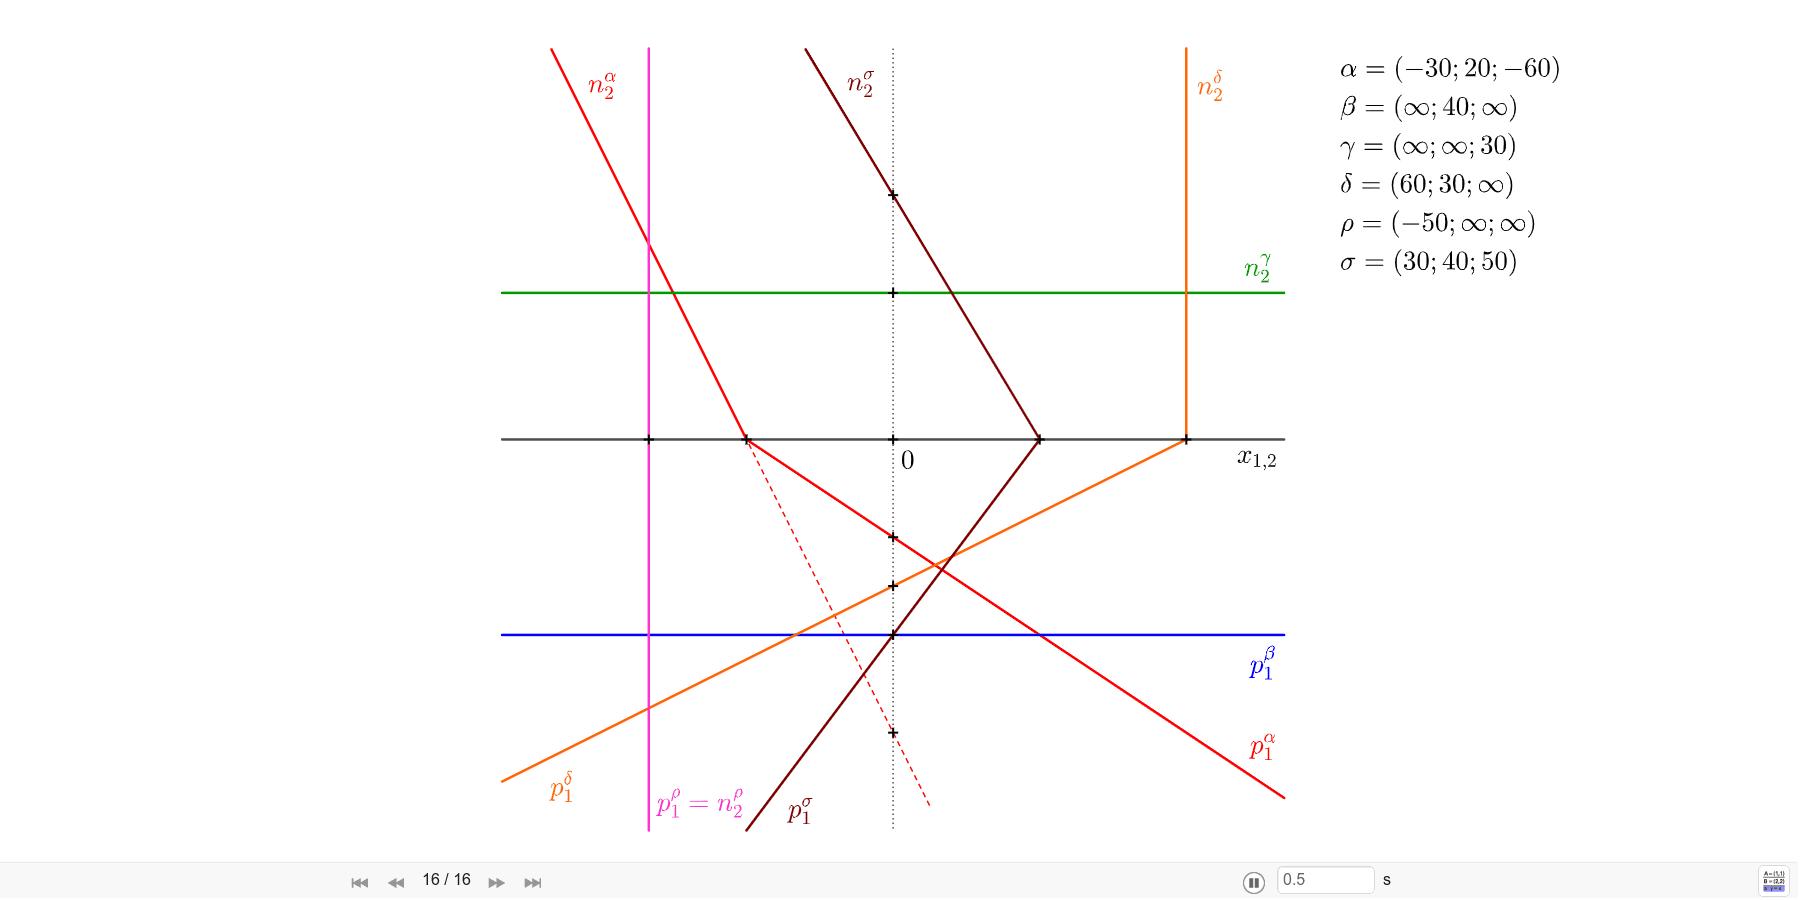 Sestrojte stopy rovin: α=(-30; 20; -60), β=(∞; 40; ∞), γ=(∞; ∞; 30), δ=(60; 30; ∞), ρ=(-50; ∞; ∞), σ=(30; 40; 50). Zahajte aktivitu stisknutím klávesy Enter